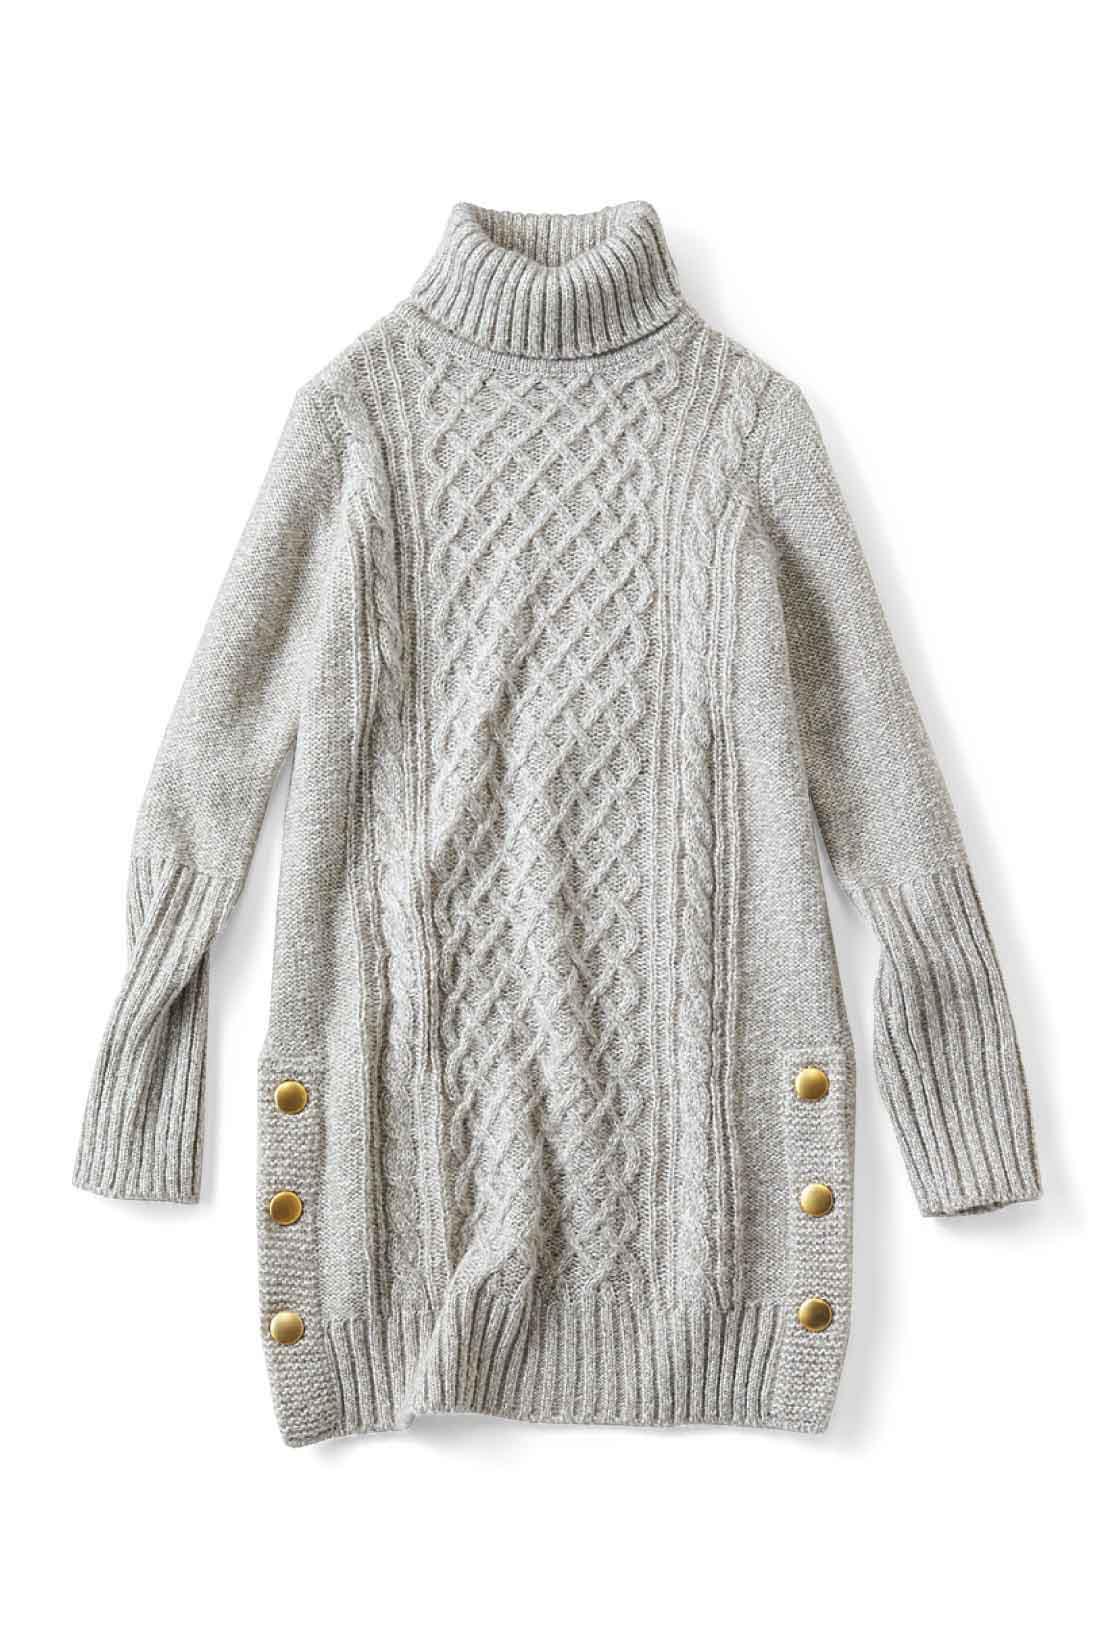 しっかりボリュームのあるタートルネックで小顔見せ効果もあり!バックはプレーンな裏編みでスッキリ。